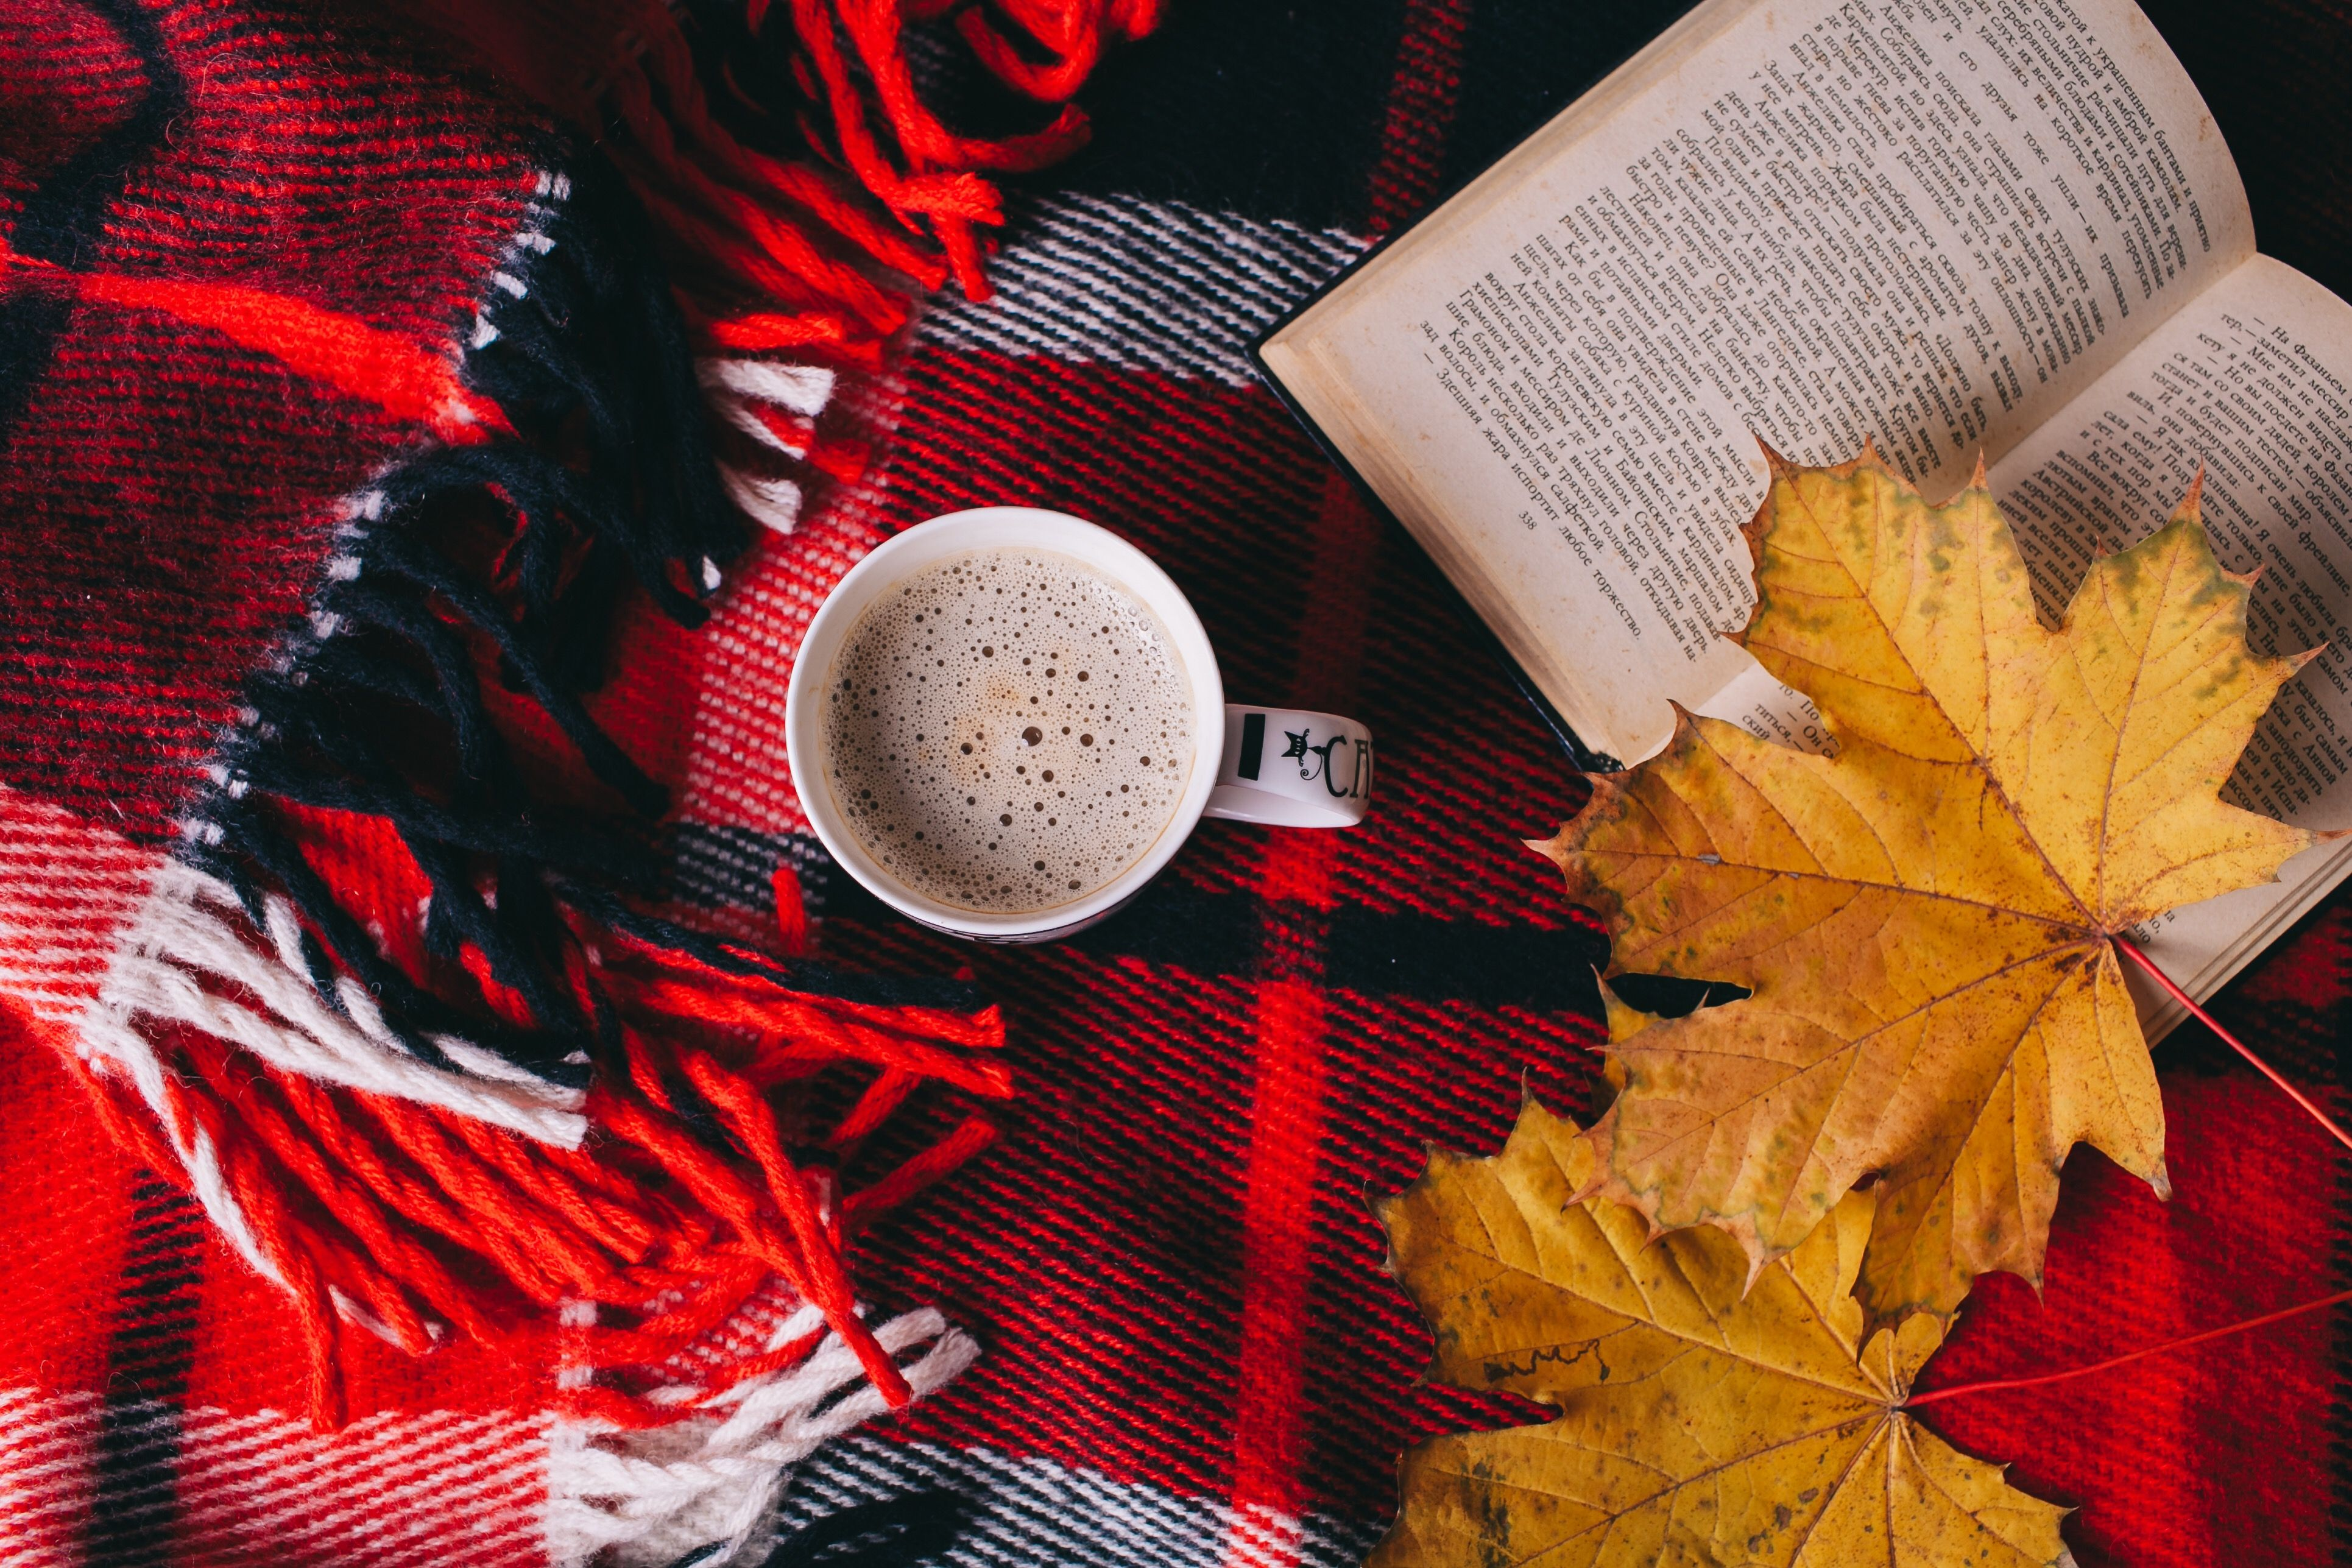 время картинки осень теплый плед вписывается интерьер